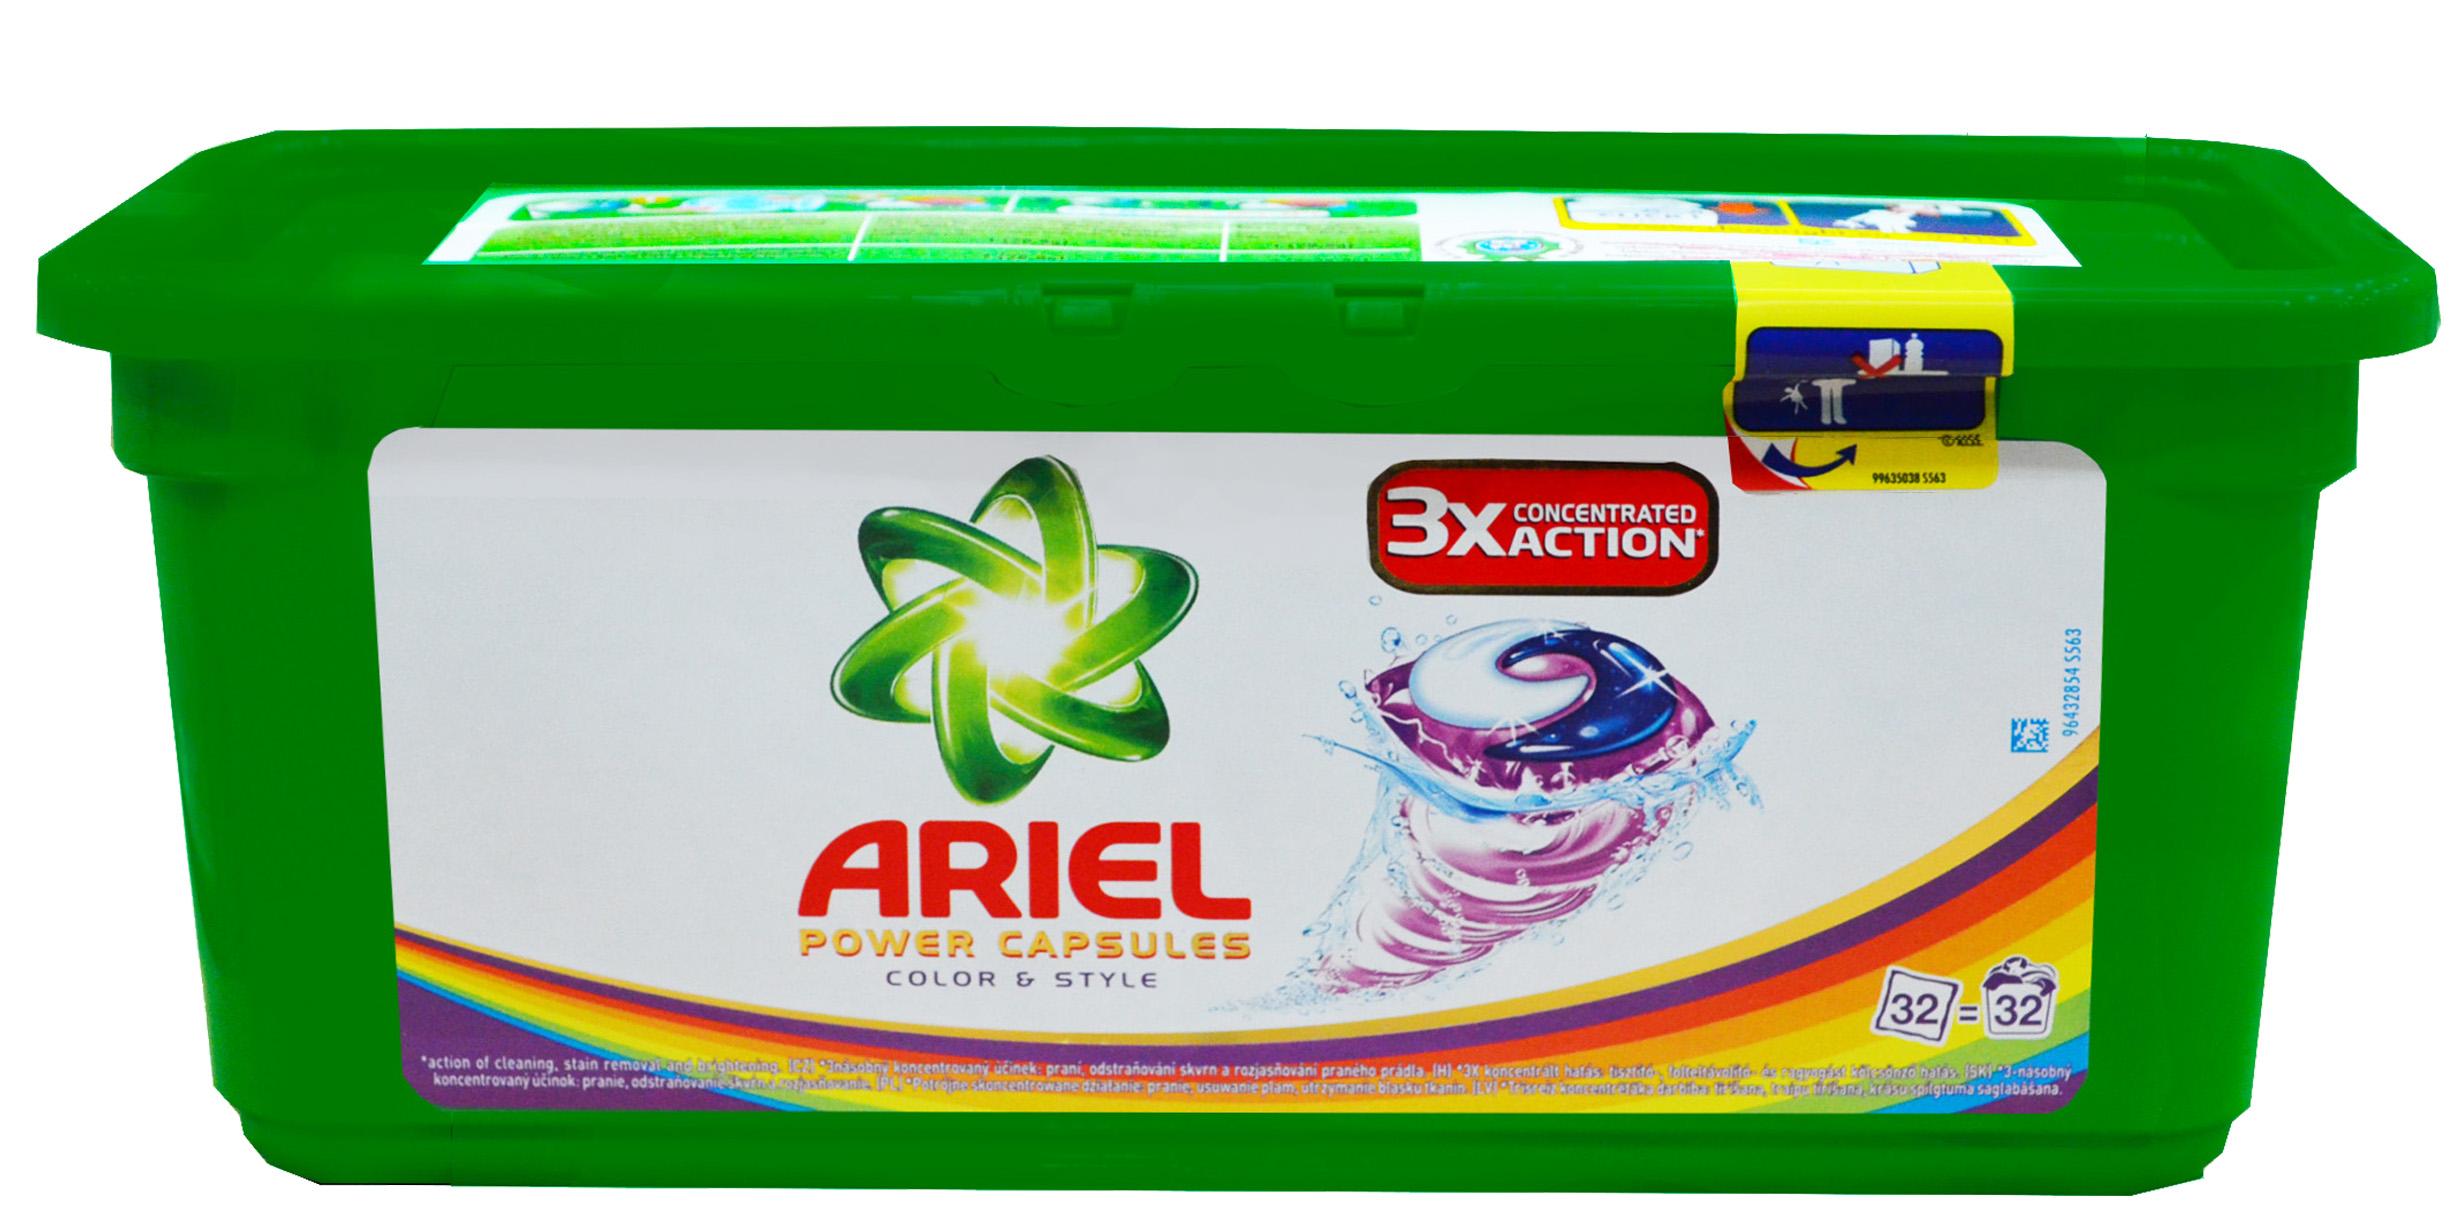 Ariel Power Capsules, kapsułki do prania tkanin kolorowych, 32 szt. Image